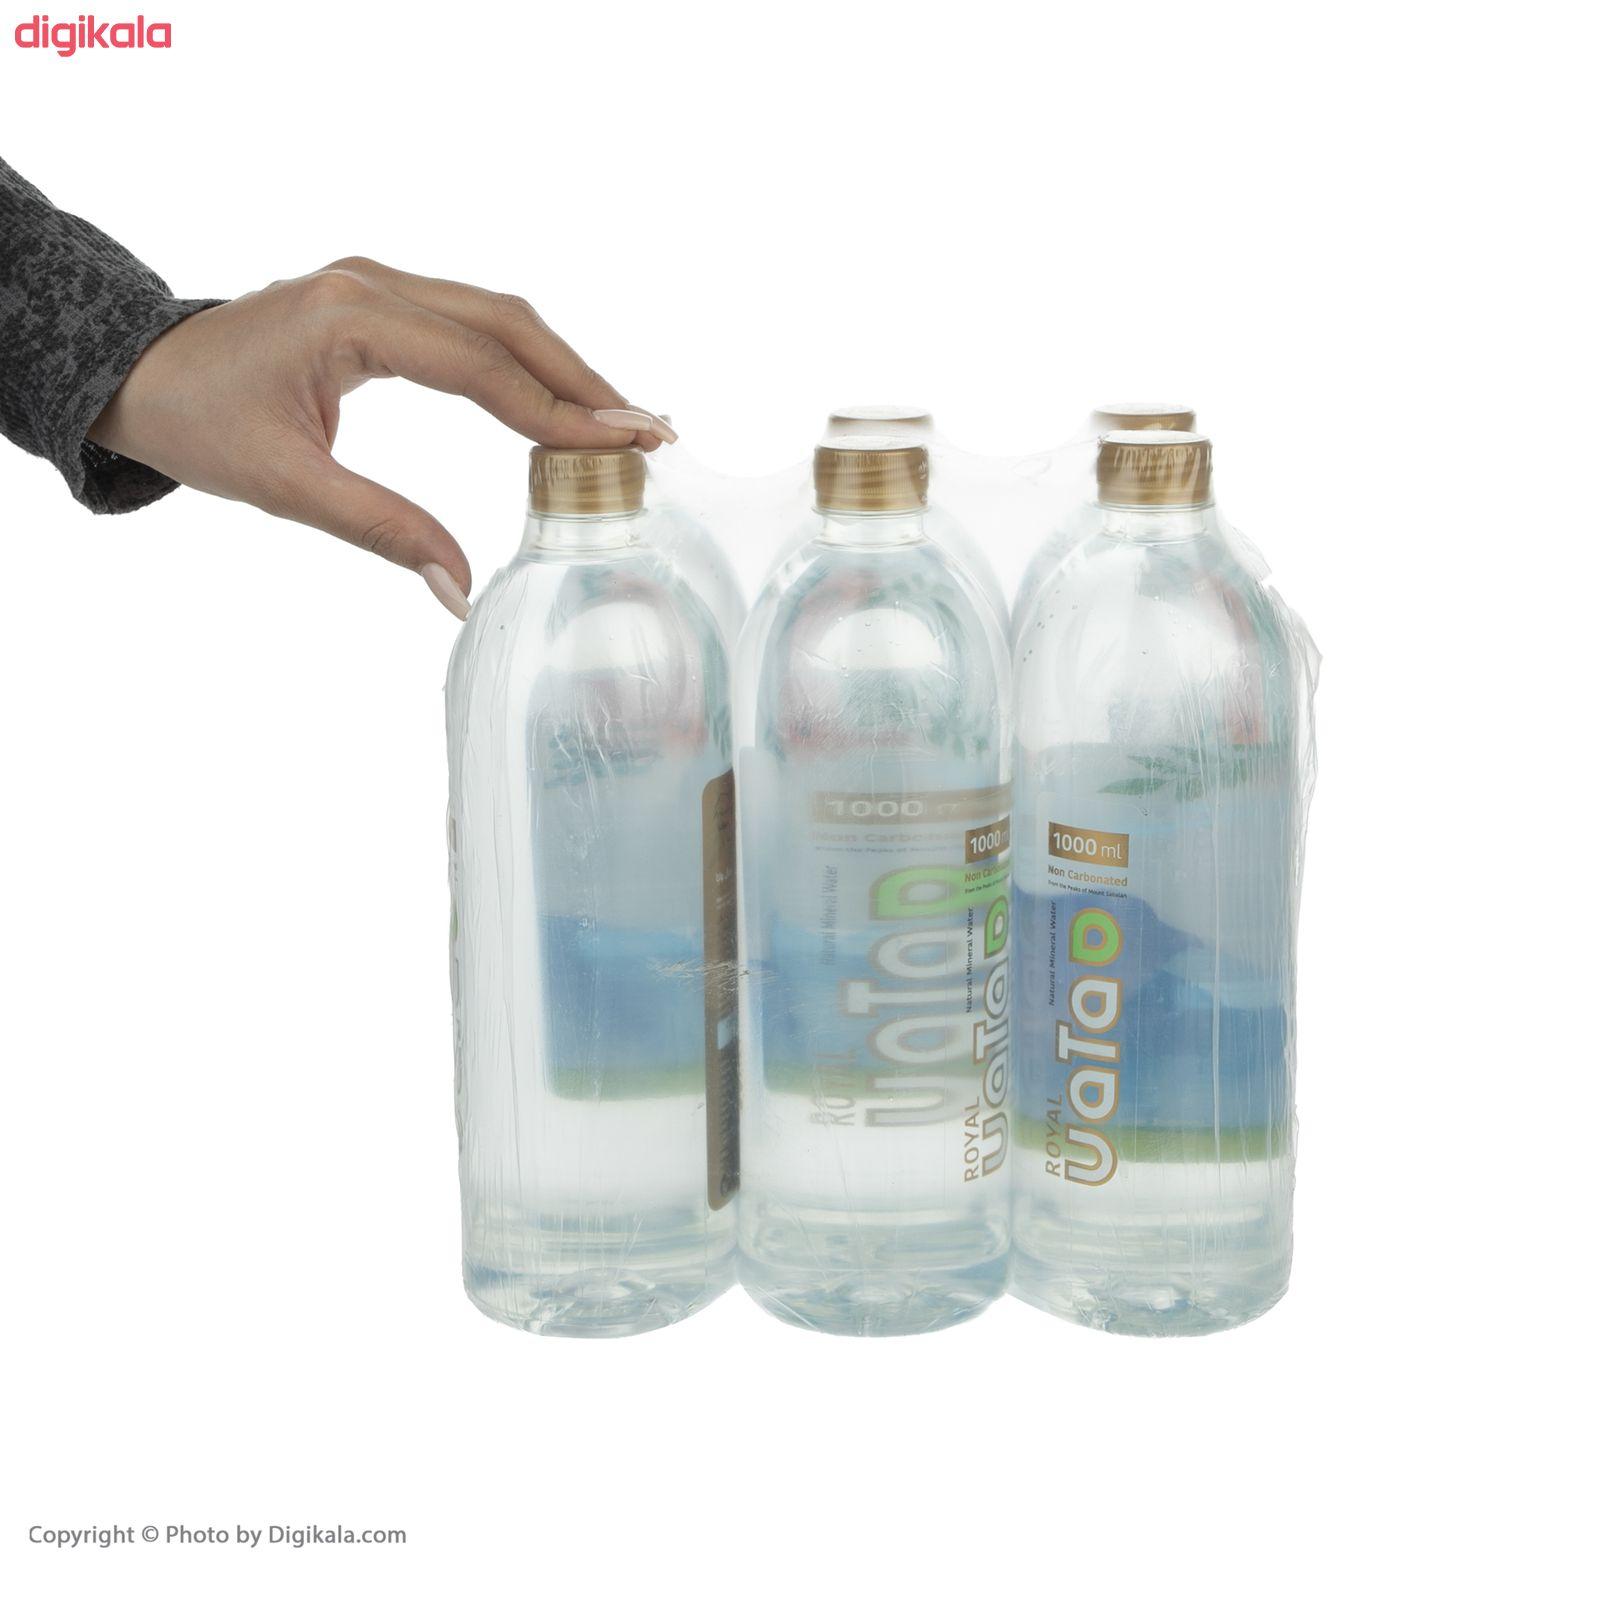 آب معدنی رویال واتا حجم 1000 میلی لیتر بسته 6 عددی main 1 6